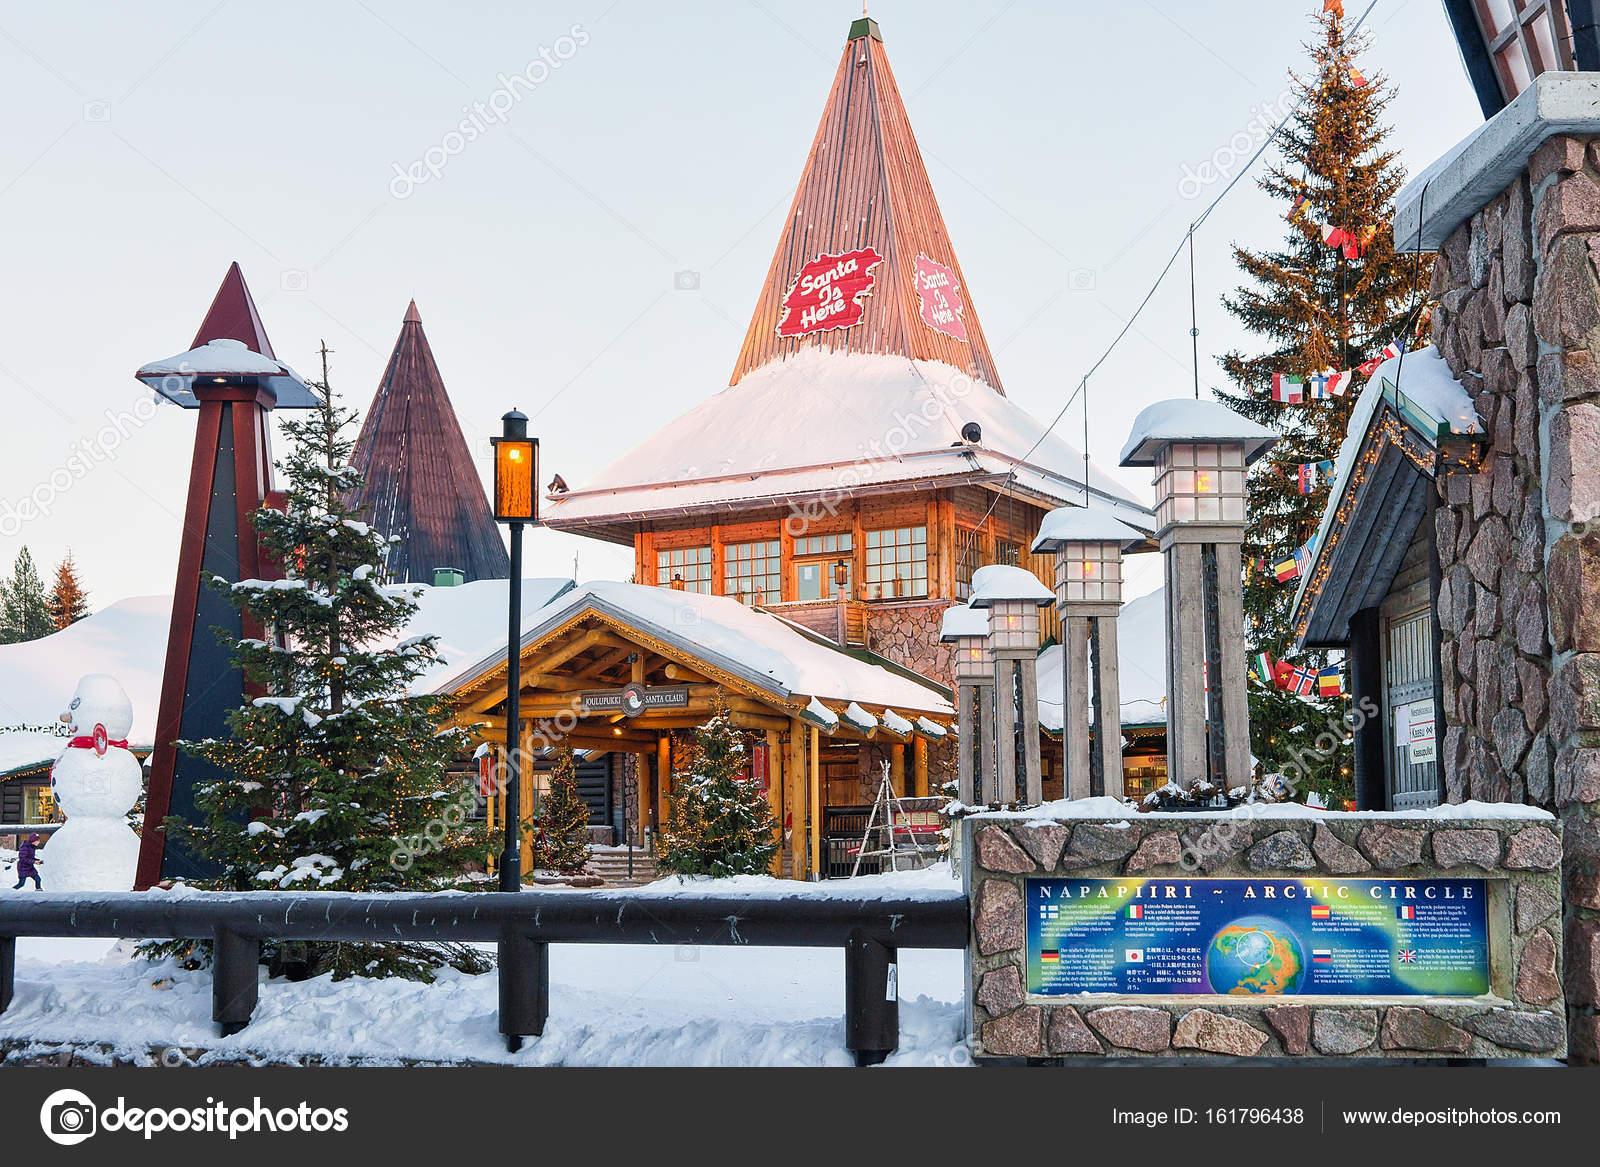 Villaggio Di Babbo Natale In Lapponia.Villaggio Di Babbo Natale In Lapponia Della Scandinavia